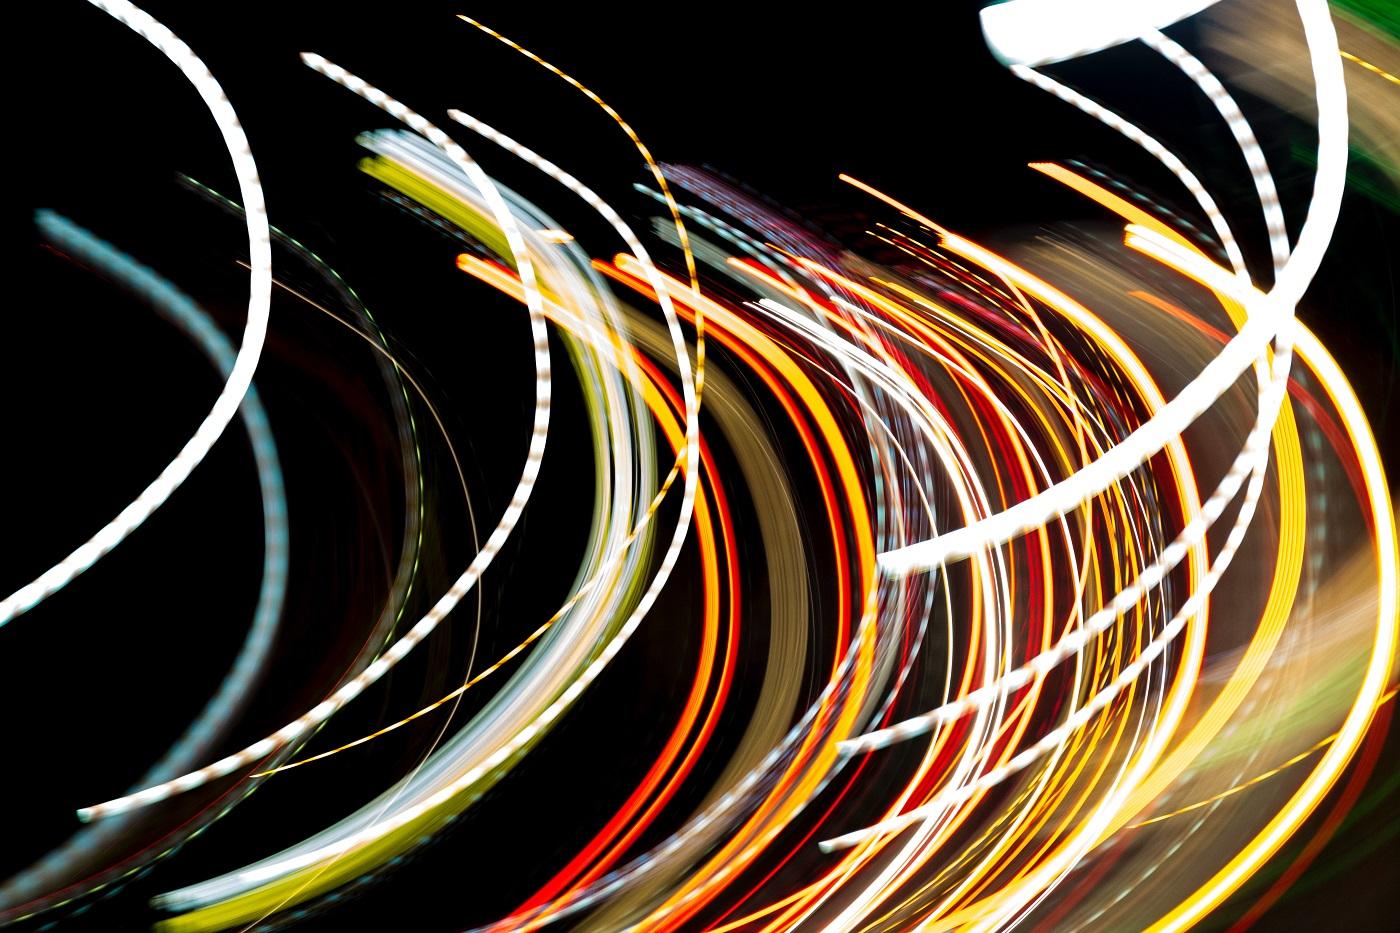 De la fragil la agil: democratizarea și descentralizarea, soluții de supraviețuire pentru organizații